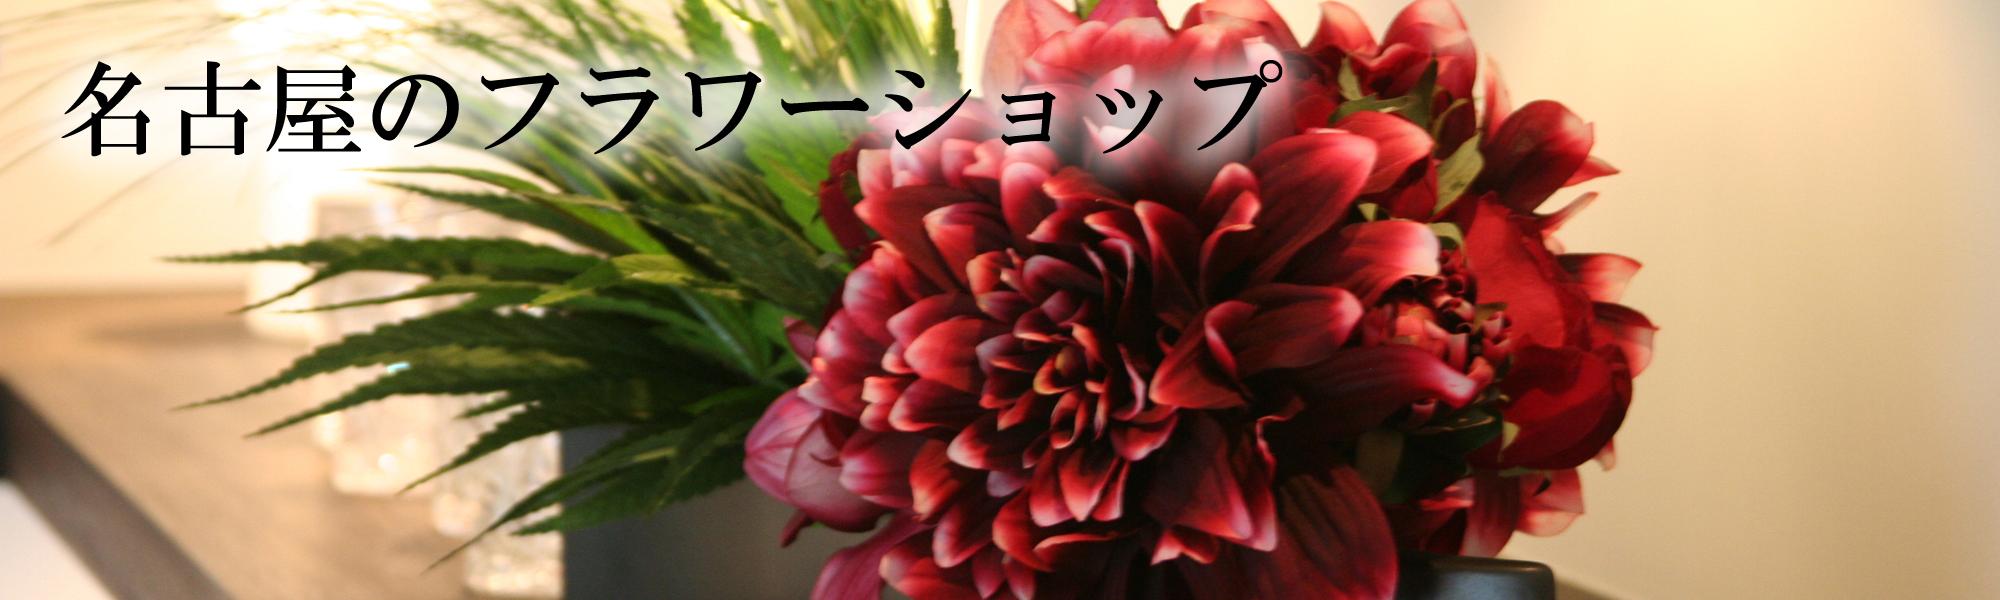 愛知・名古屋フラワーショップ  アトリエ・フラワー彩花